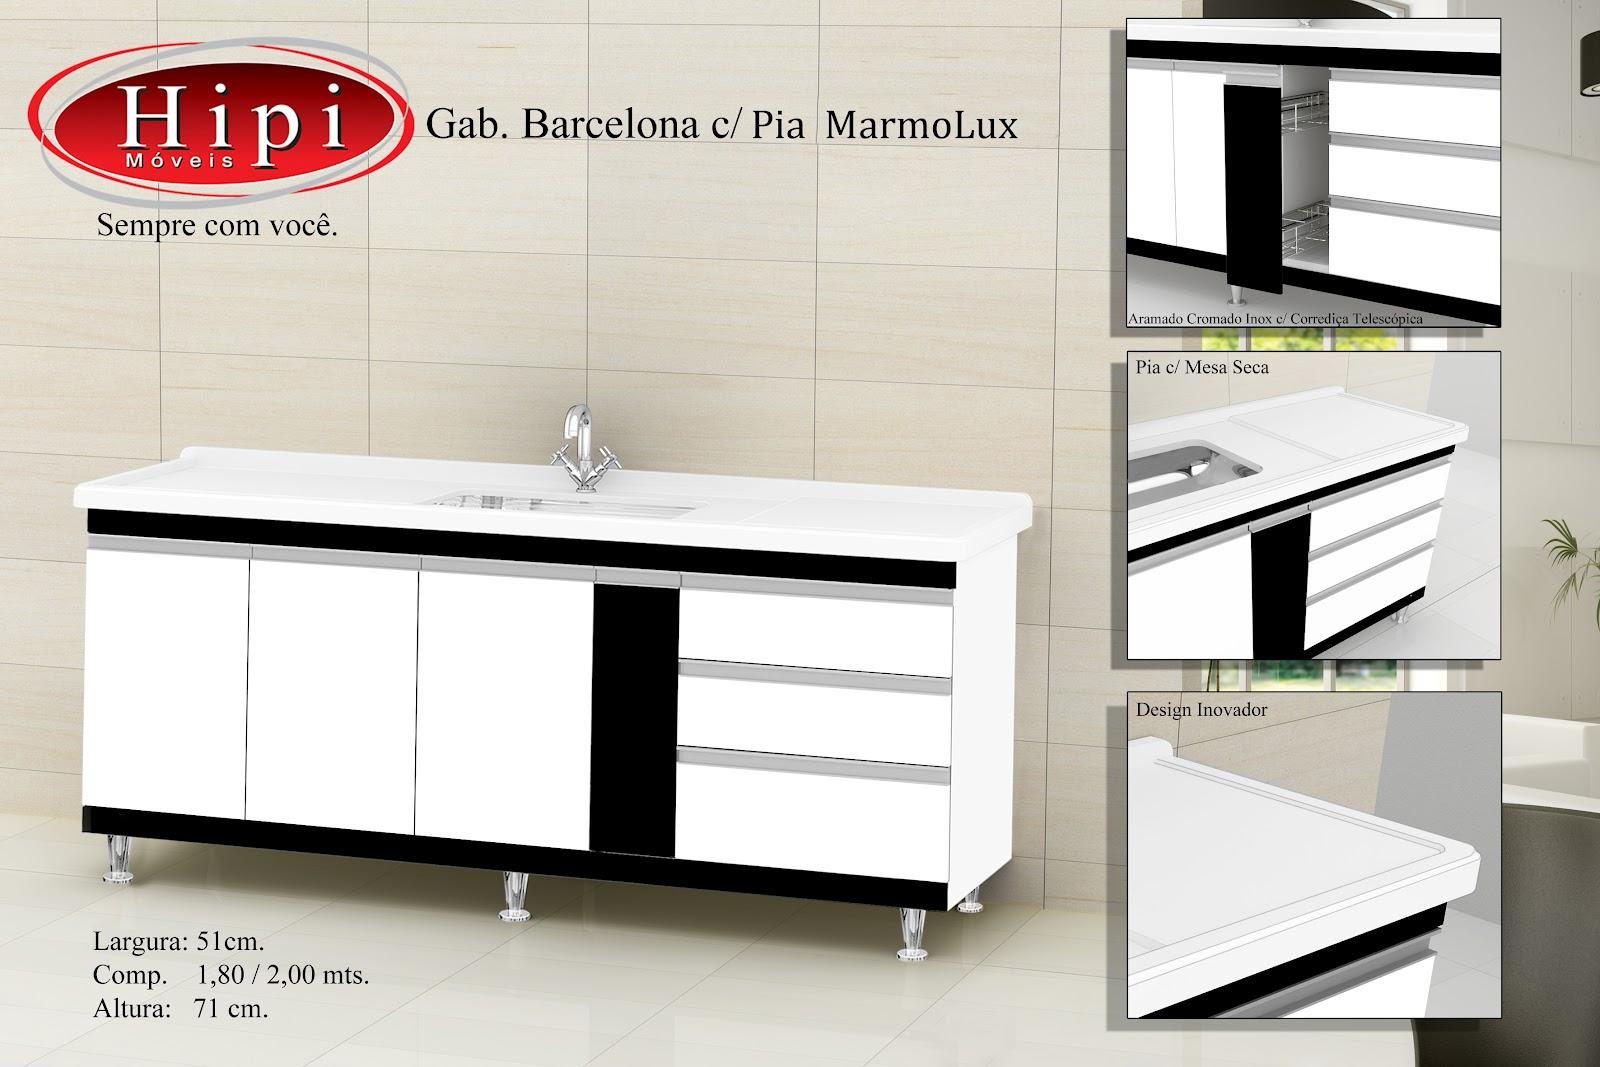 Hipi: Cozinha Barcelona com Pia Marmolux #B5161C 1600 1067